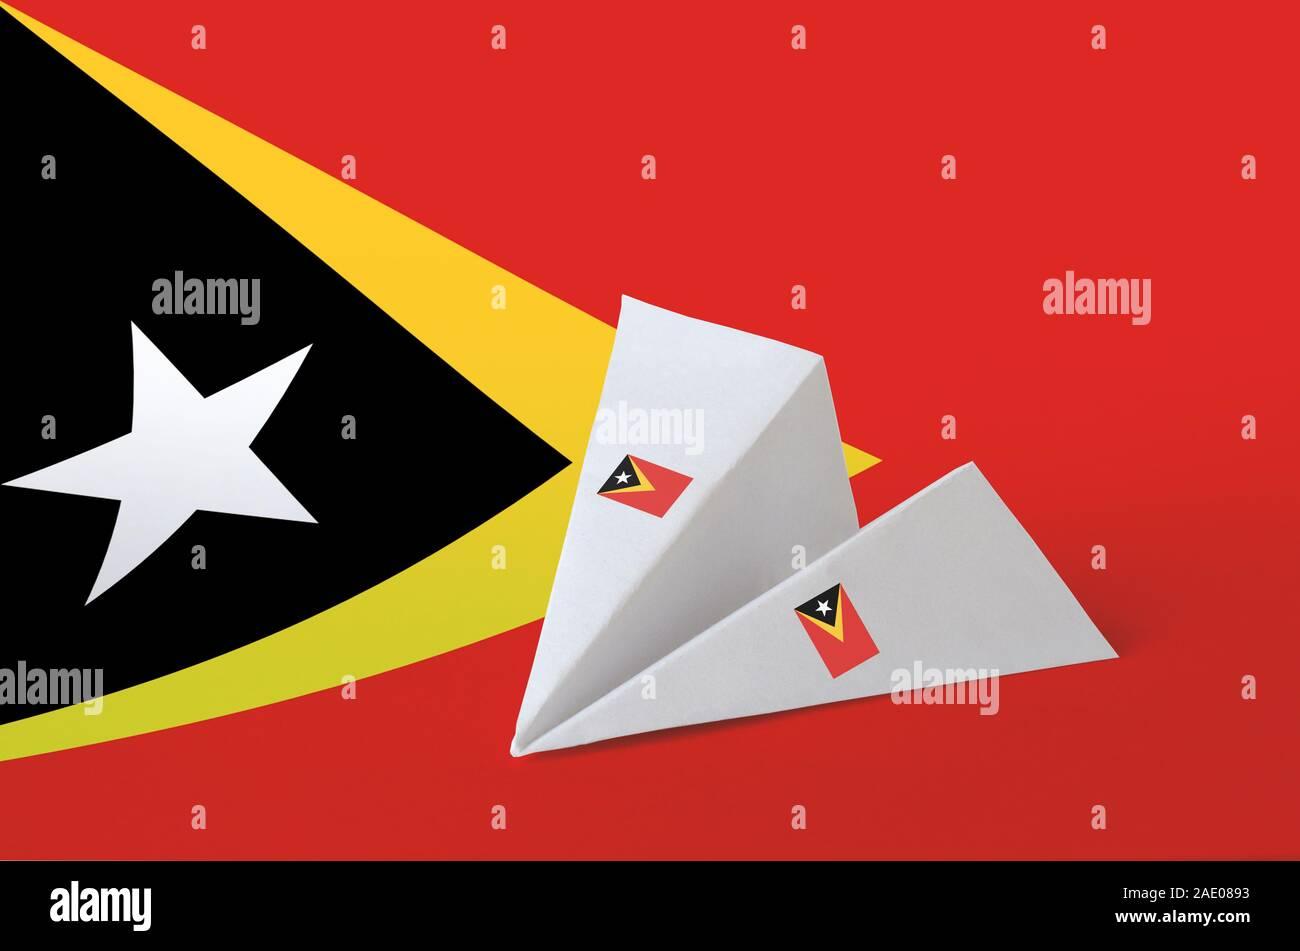 Drapeau Timor Leste représentées sur les avions en origami papier. Concept arts artisanaux orientaux Banque D'Images